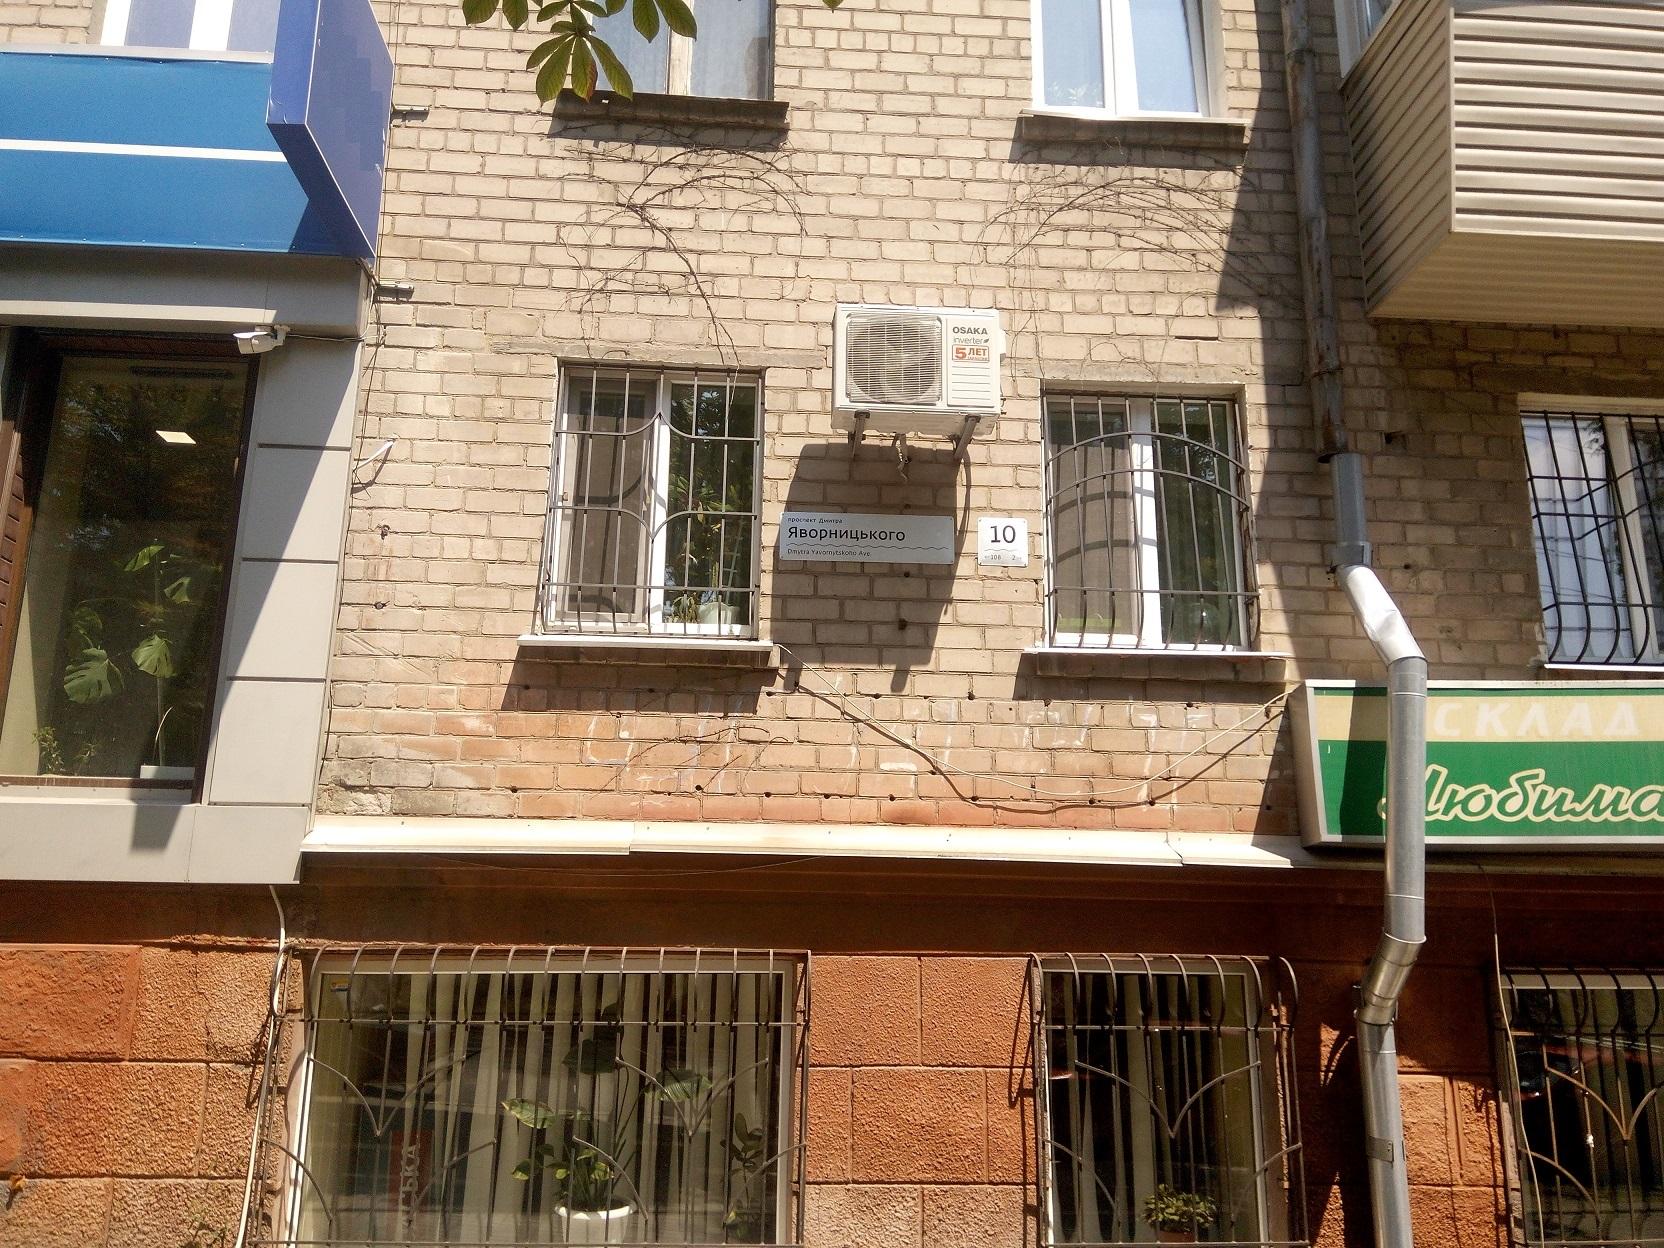 Нежитлове приміщення, в м. Дніпропетровськ, площею 99,9 кв. м